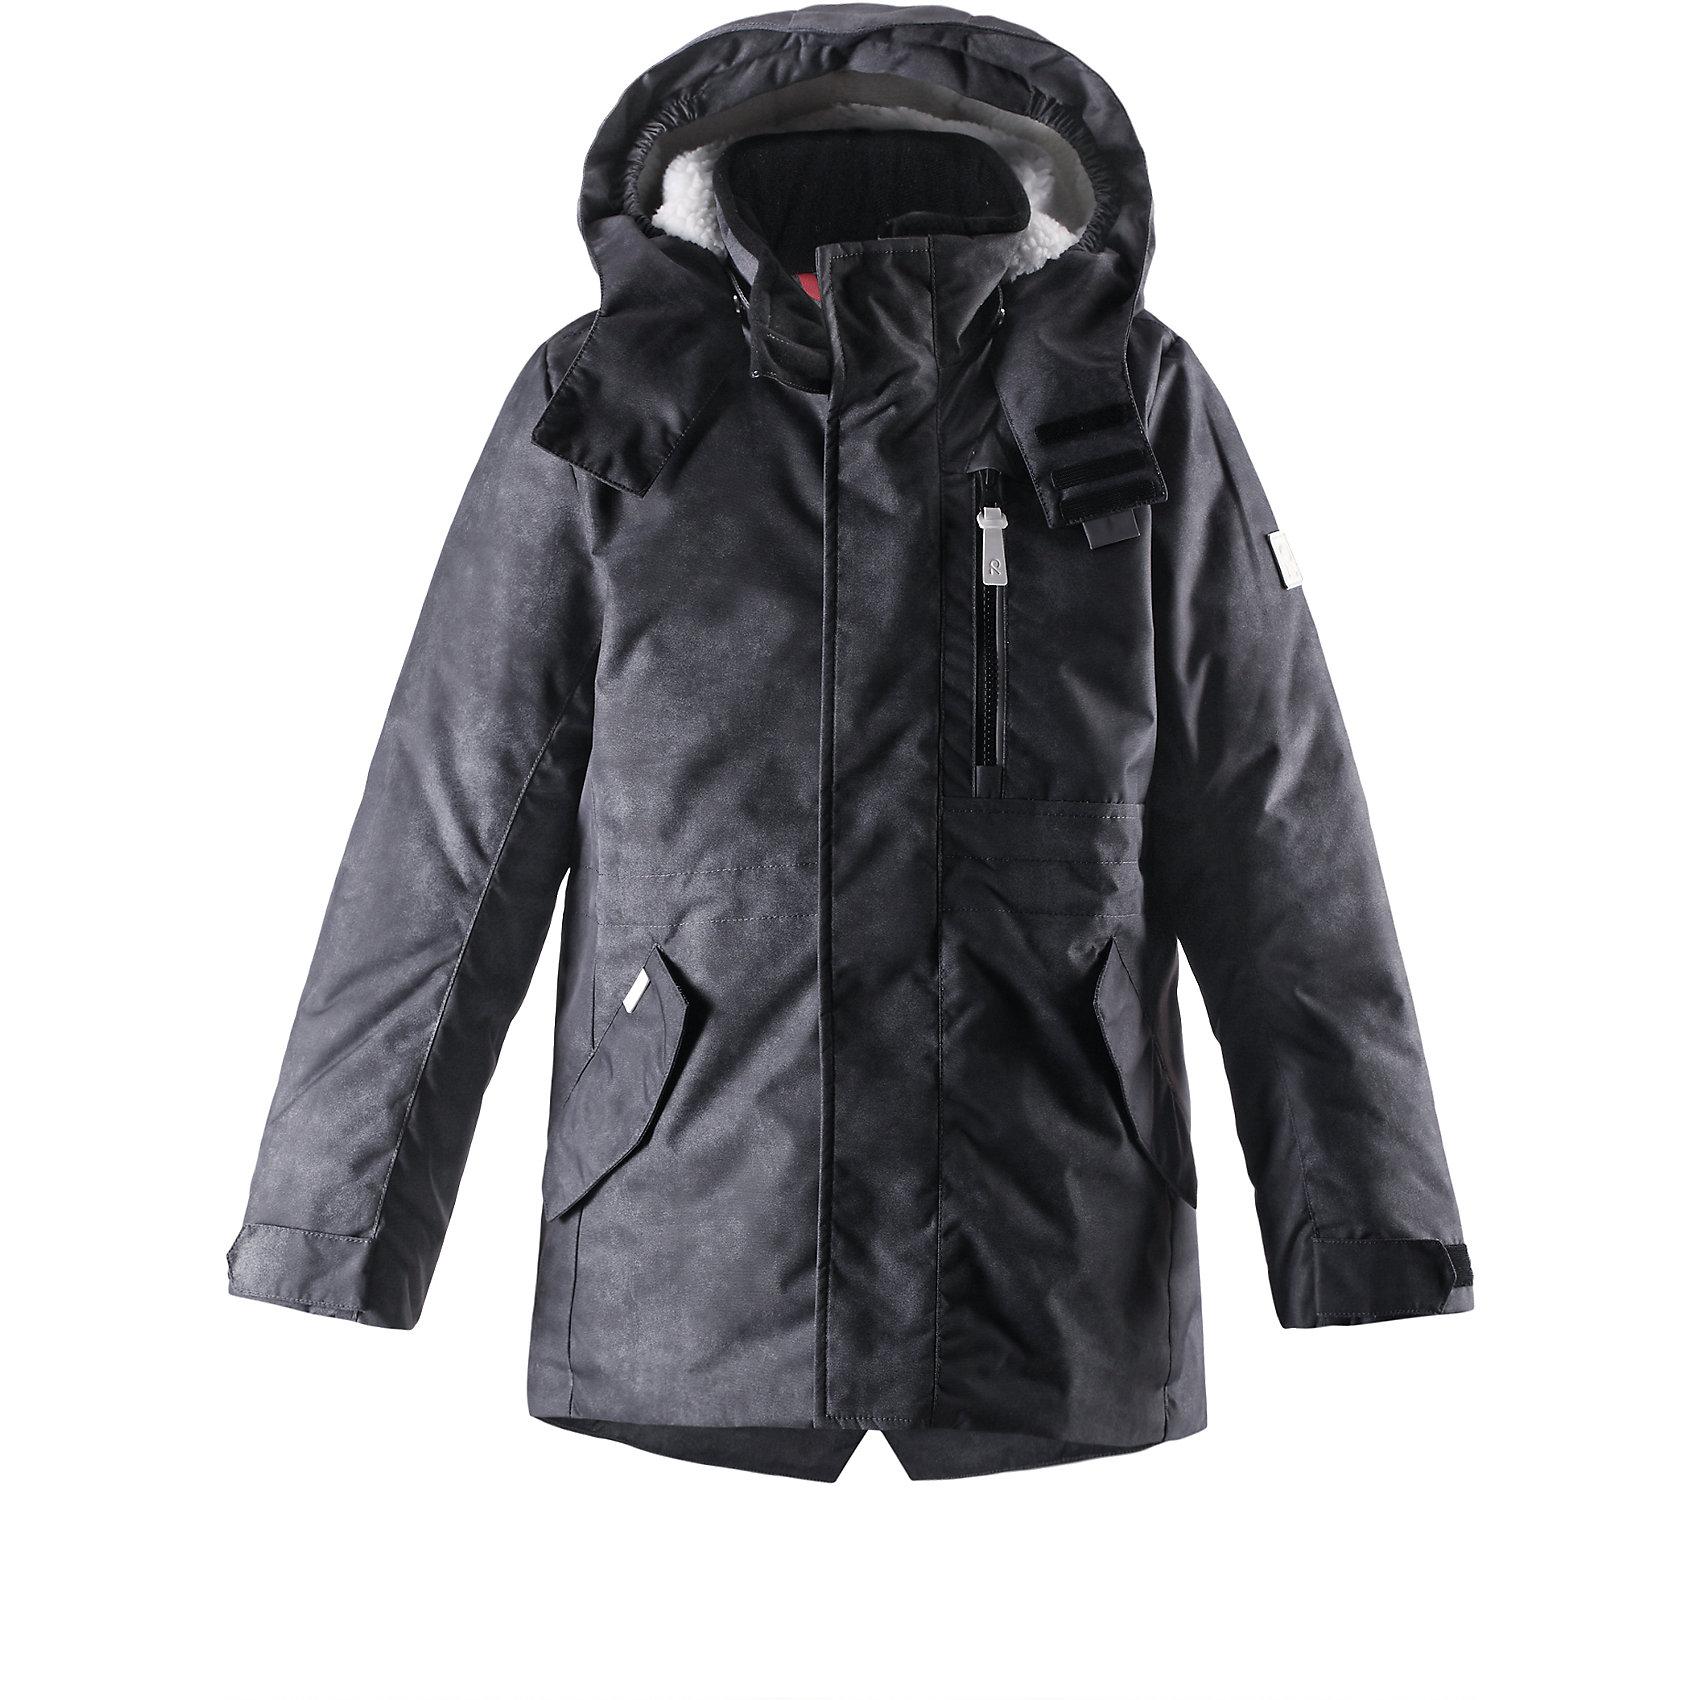 Куртка Tasan для мальчика ReimaХарактеристики товара:<br><br>• цвет: черный<br>• состав: 100% полиэстер, полиуретановое покрытие<br>• температурный режим: от 0°до -20°С<br>• утеплитель: 140 г<br>• застежка: безопасная молния<br>• регулируемая талия<br>• водоотталкивающий материал<br>• отстегивающийся капюшон<br>• планка от ветра<br>• карманы<br>• высокий воротник<br>• комфортная посадка<br>• страна производства: Китай<br>• страна бренда: Финляндия<br><br>Верхняя одежда для детей может быть модной и комфортной одновременно! Утепленная куртка поможет обеспечить ребенку комфорт и тепло. Она отлично смотрится с различной одеждой и обувью. Изделие удобно сидит и модно выглядит. Стильный дизайн разрабатывался специально для детей. Отличный вариант для активного отдыха зимой!<br><br>Одежда и обувь от финского бренда Reima пользуется популярностью во многих странах. Эти изделия стильные, качественные и удобные. Для производства продукции используются только безопасные, проверенные материалы и фурнитура. Порадуйте ребенка модными и красивыми вещами от Reima! <br><br>Куртку Tasan для мальчика от финского бренда Reimatec® Reima (Рейма) можно купить в нашем интернет-магазине.<br><br>Ширина мм: 356<br>Глубина мм: 10<br>Высота мм: 245<br>Вес г: 519<br>Цвет: черный<br>Возраст от месяцев: 60<br>Возраст до месяцев: 72<br>Пол: Унисекс<br>Возраст: Детский<br>Размер: 116,140,152,128,134,104,122,110<br>SKU: 5415560